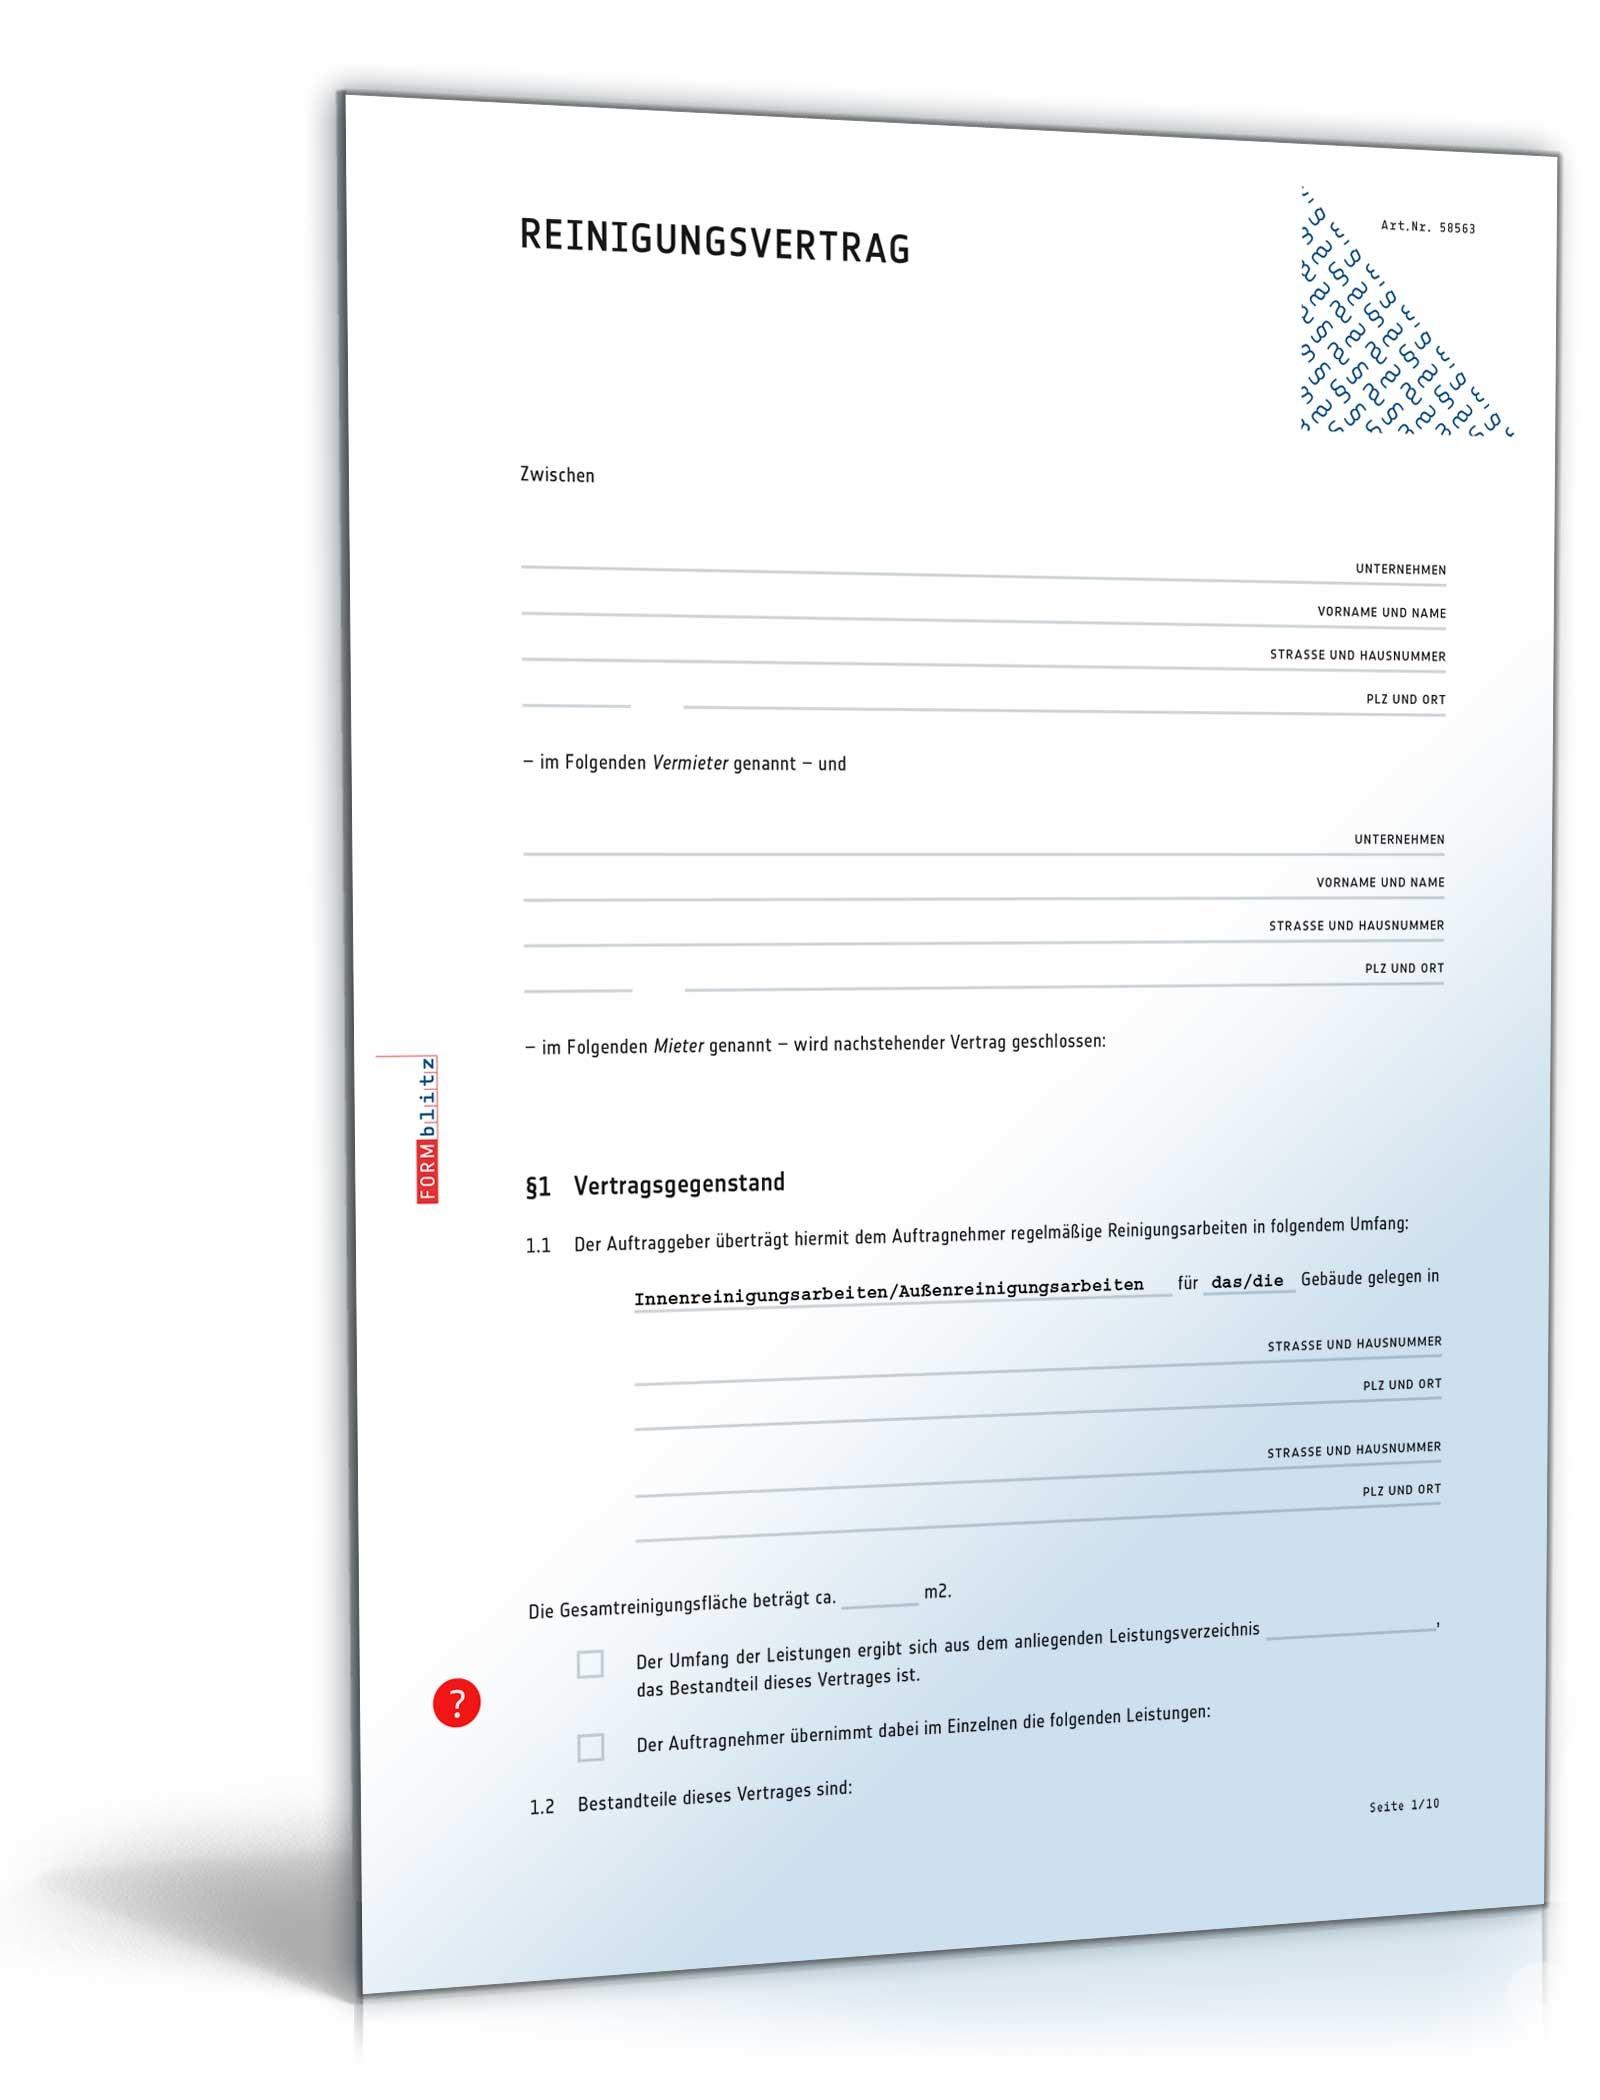 Reinigungsvertrag Muster Vorlage Zum Download